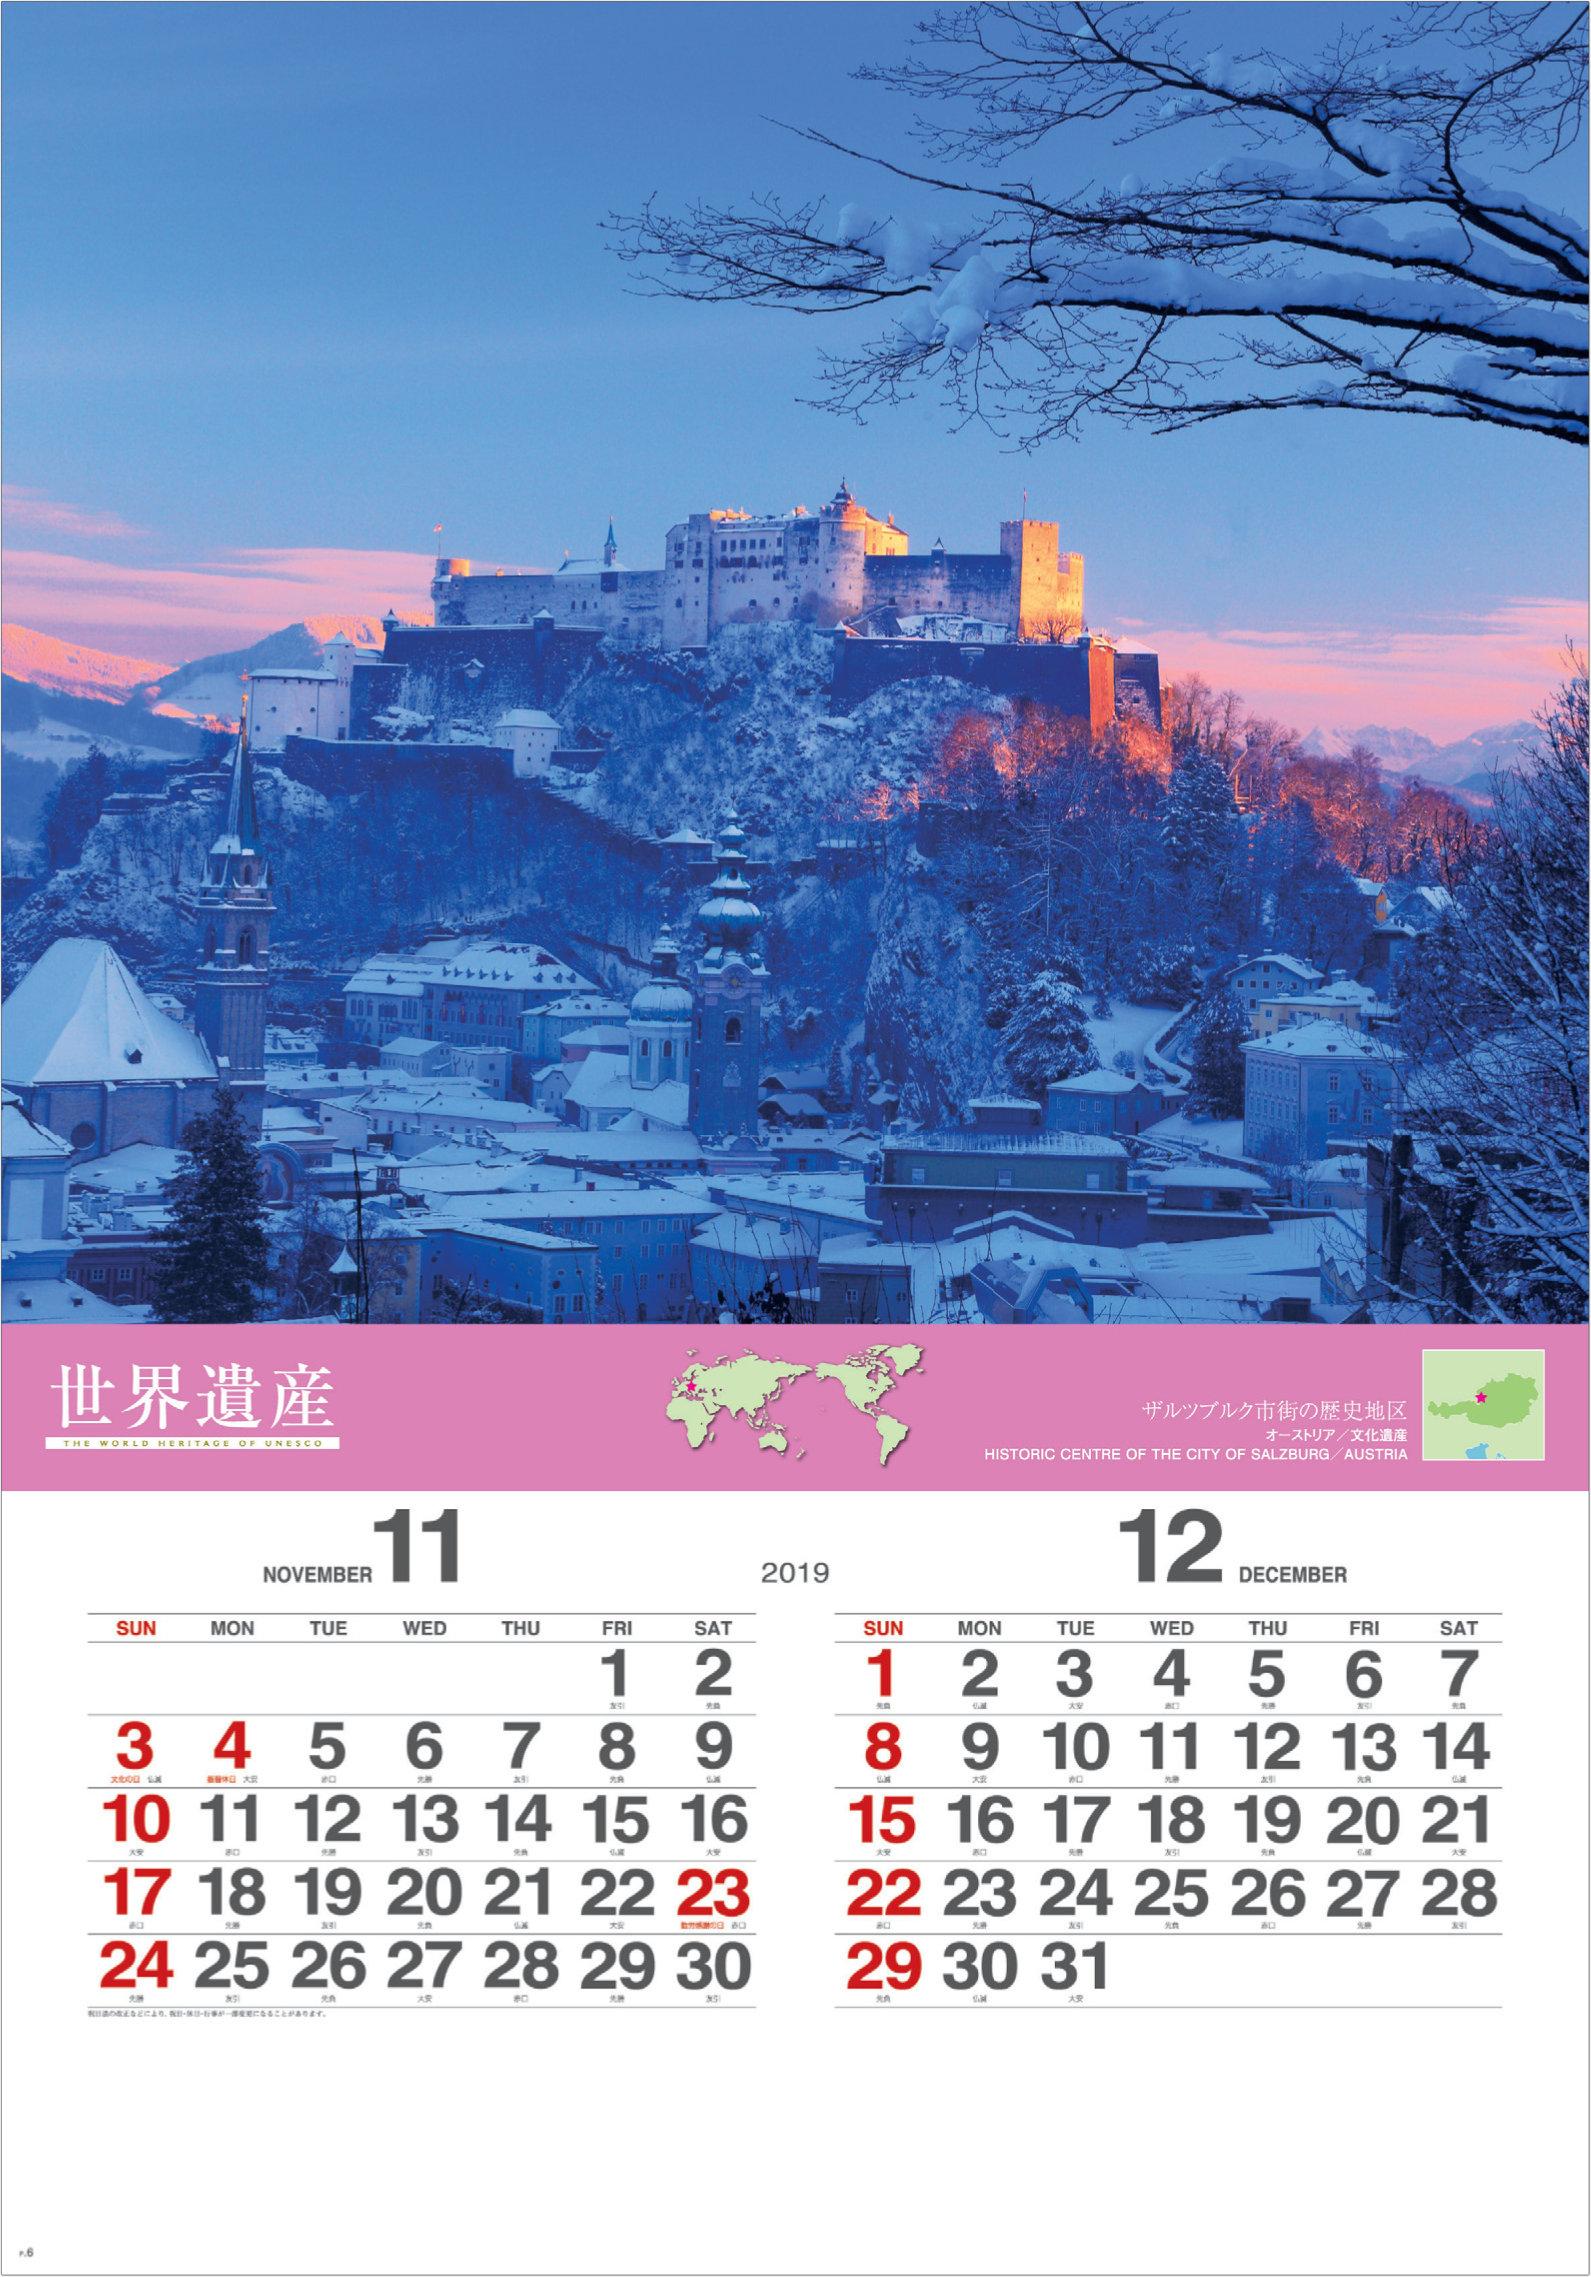 画像:オーストリアの世界遺産「ザルズブルク市街歴史地区」 ユネスコ世界遺産(フィルムカレンダー) 2019年カレンダー